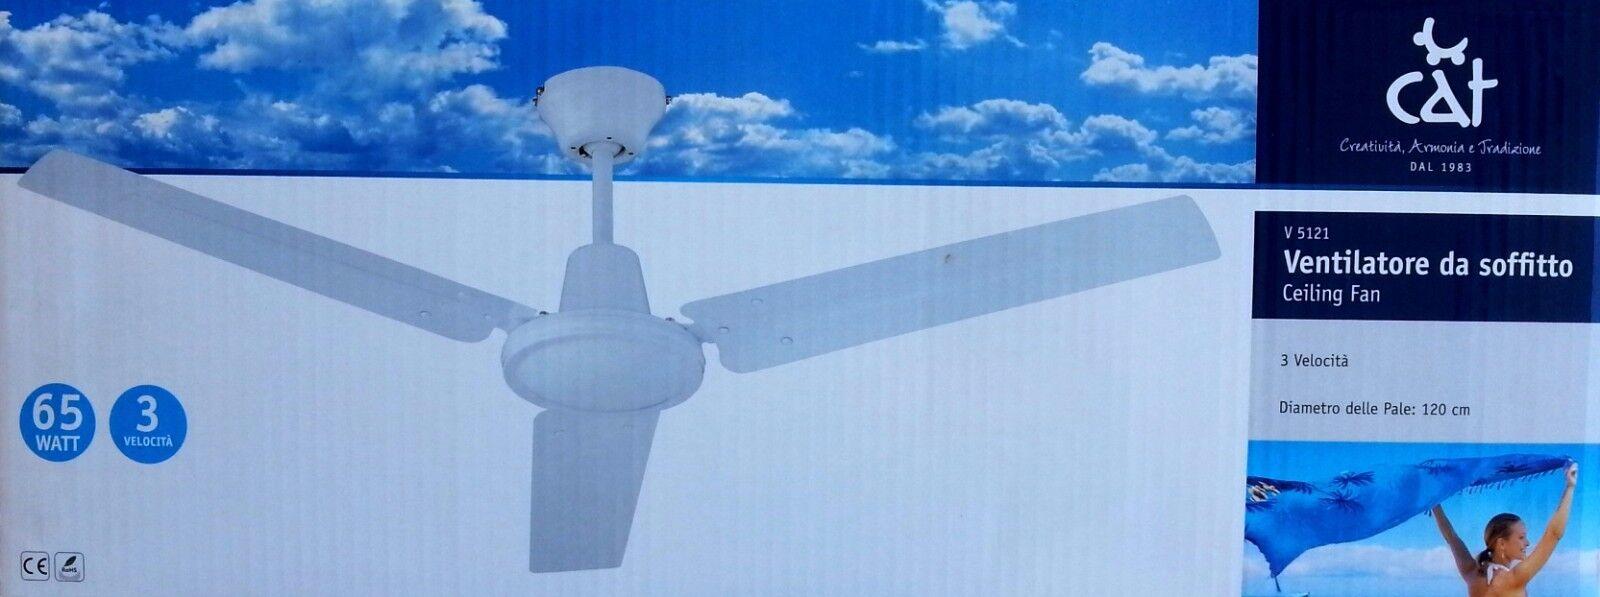 ventilatore da soffitto con comando a parete 3 pale 65 watt Ø 120 cat v5121